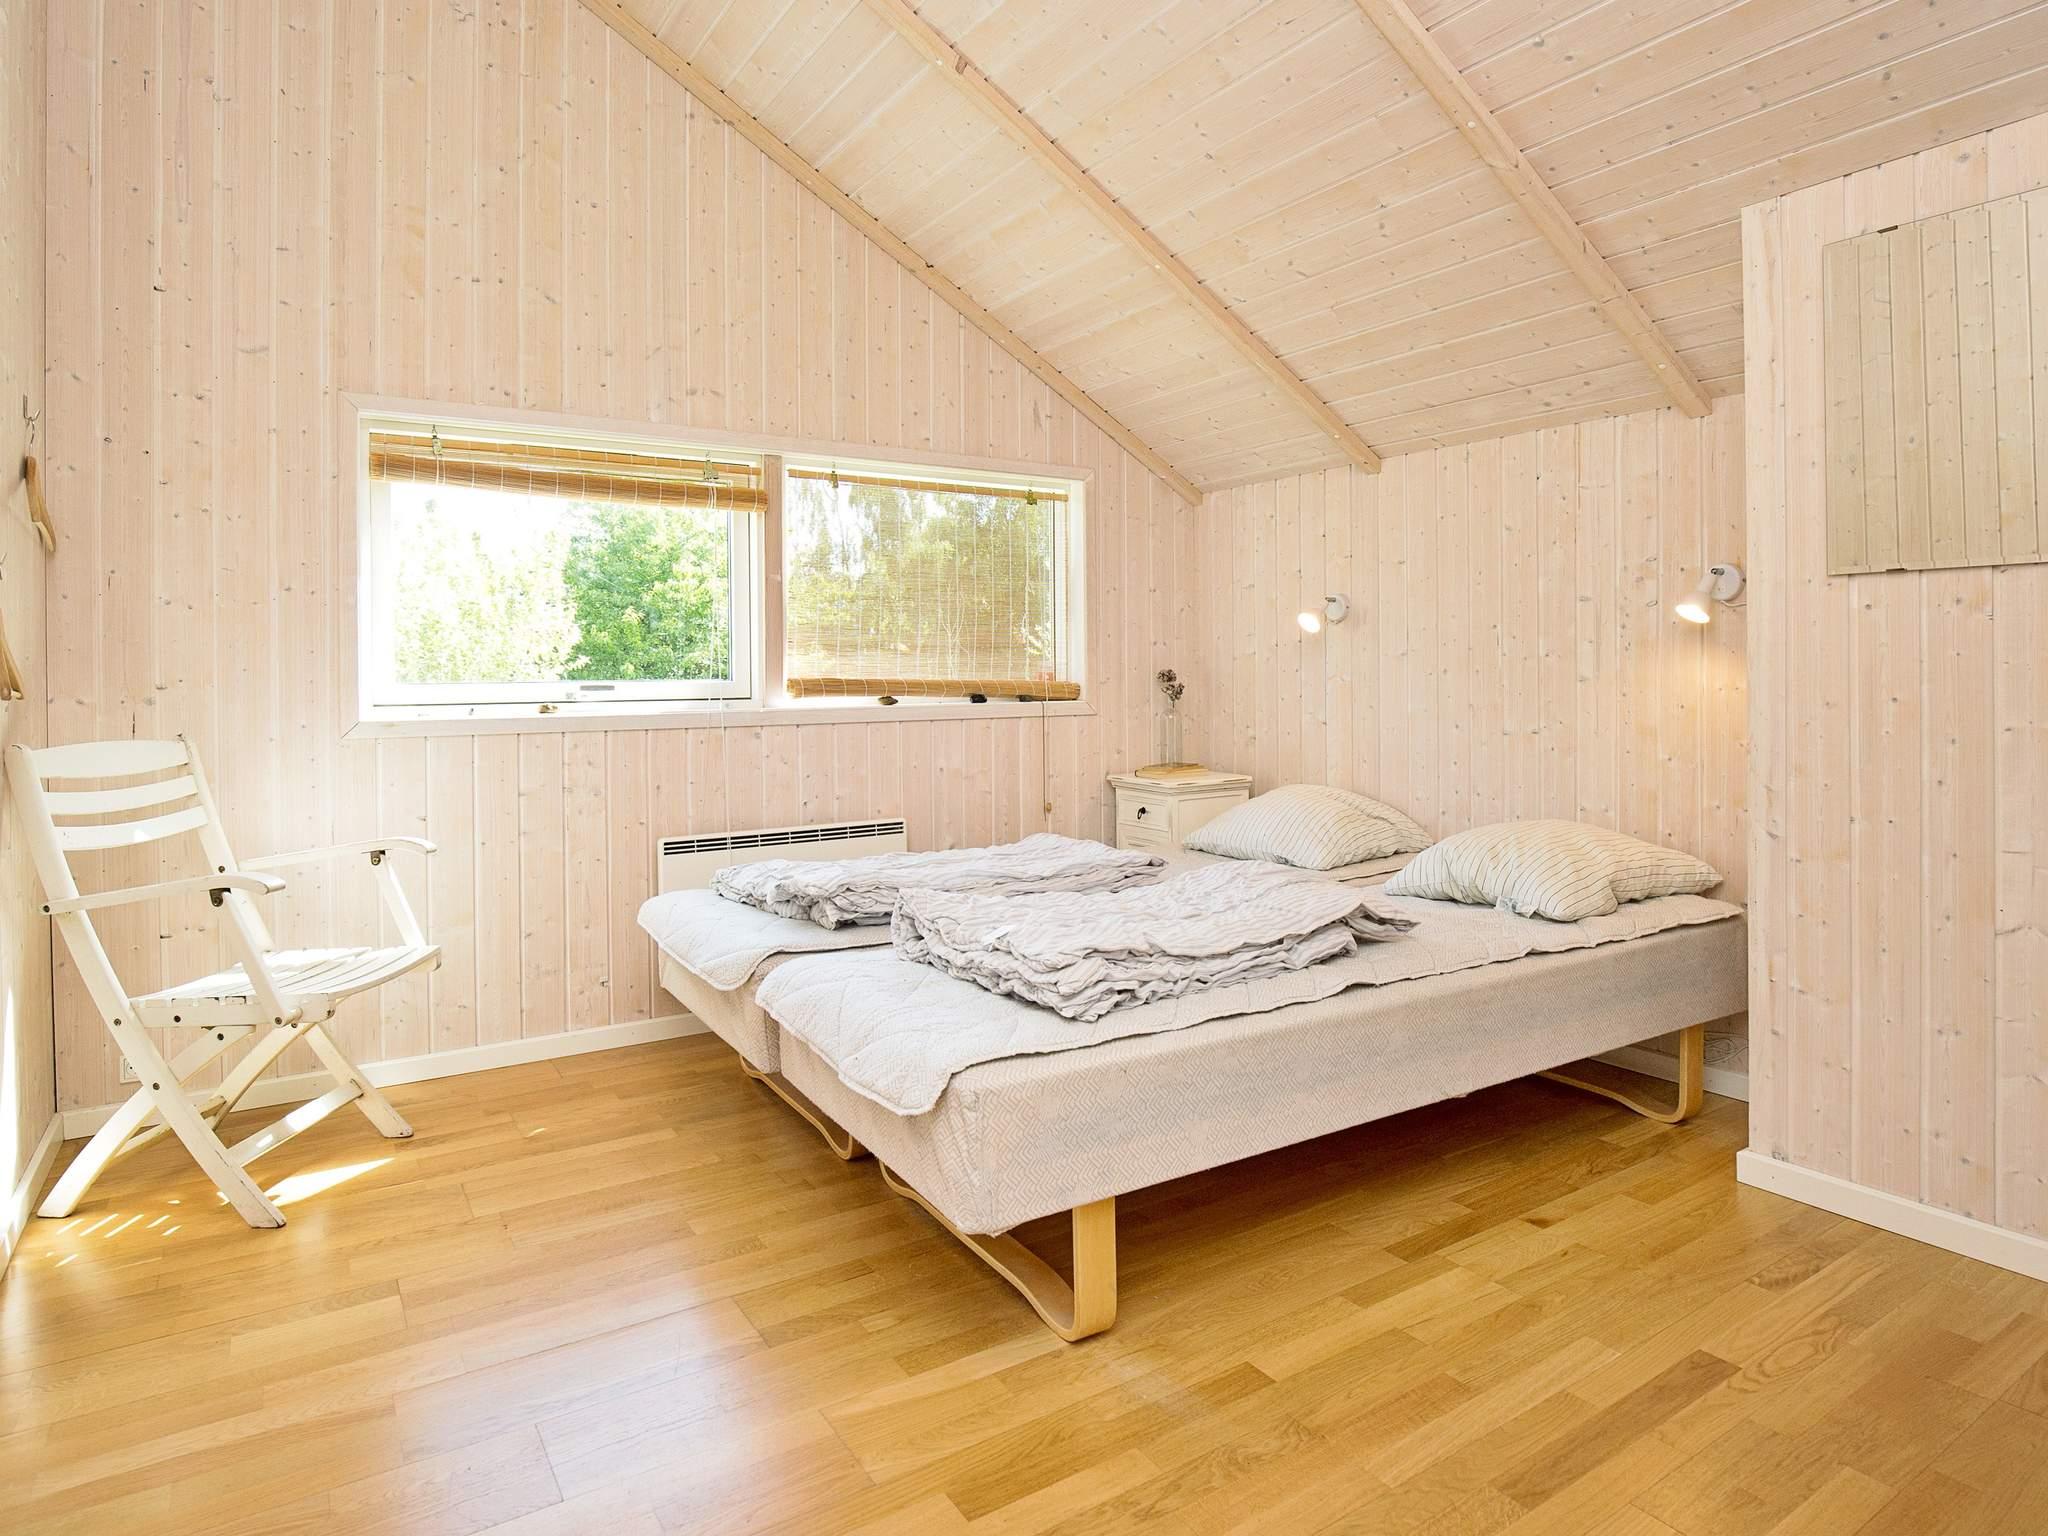 Ferienhaus Veddinge Bakker (216923), Asnæs, , Westseeland, Dänemark, Bild 13